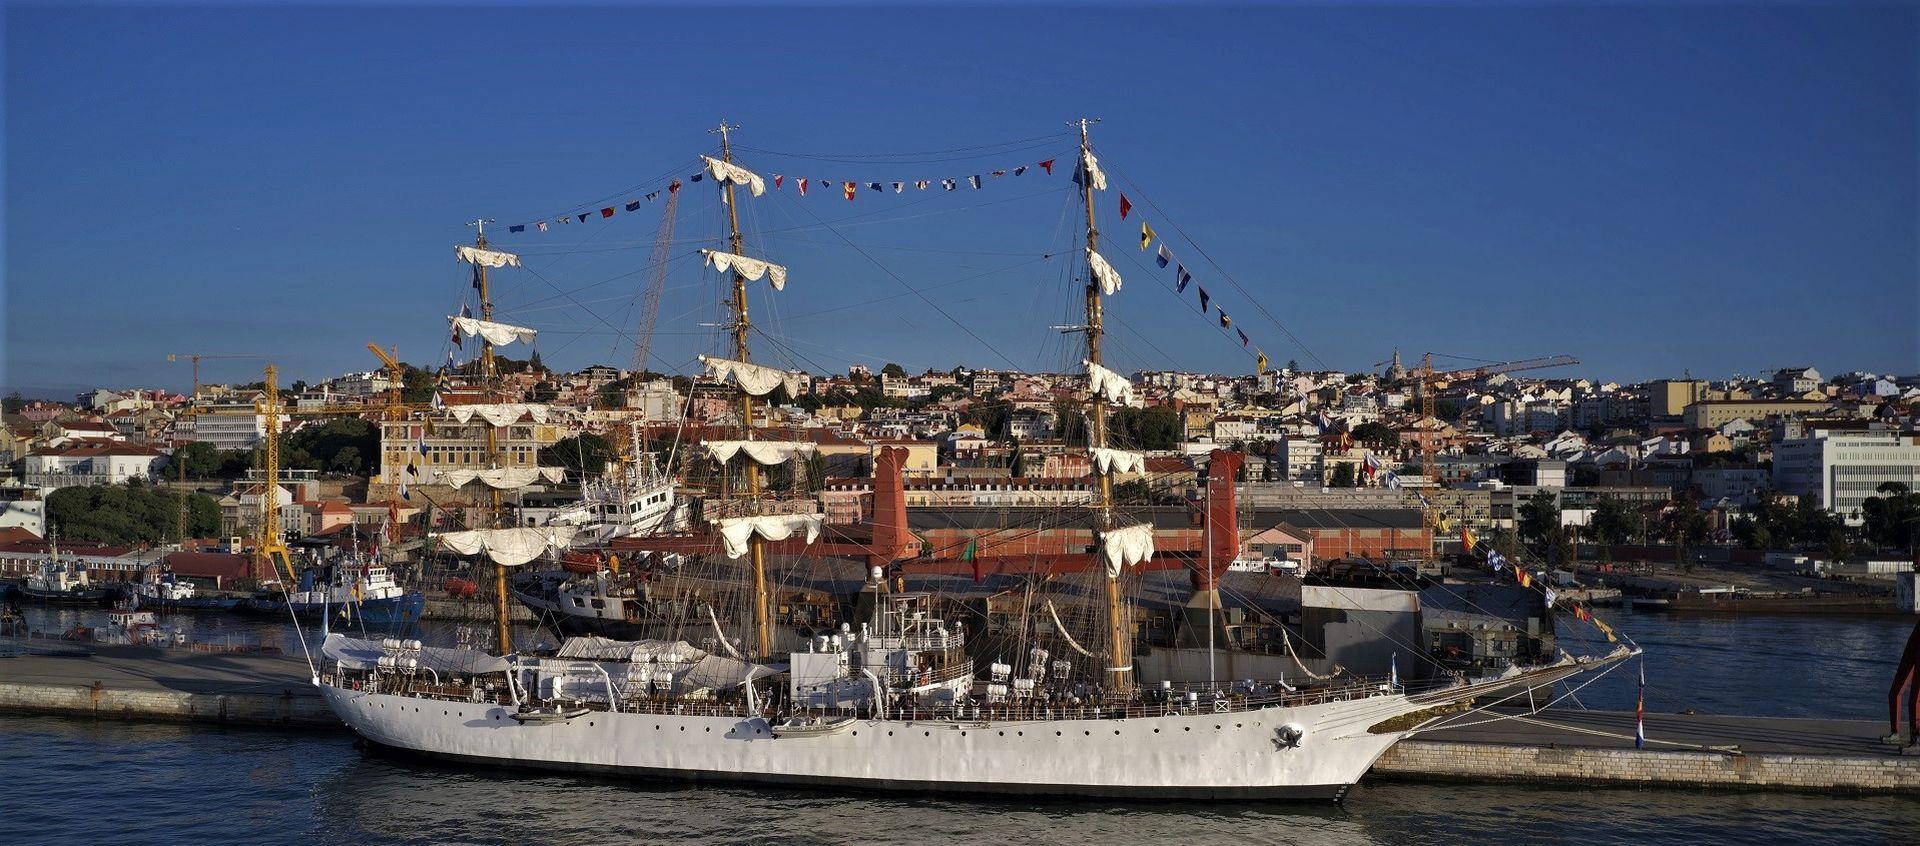 ARA LIBERTAD esteve cinco dias em Lisboa